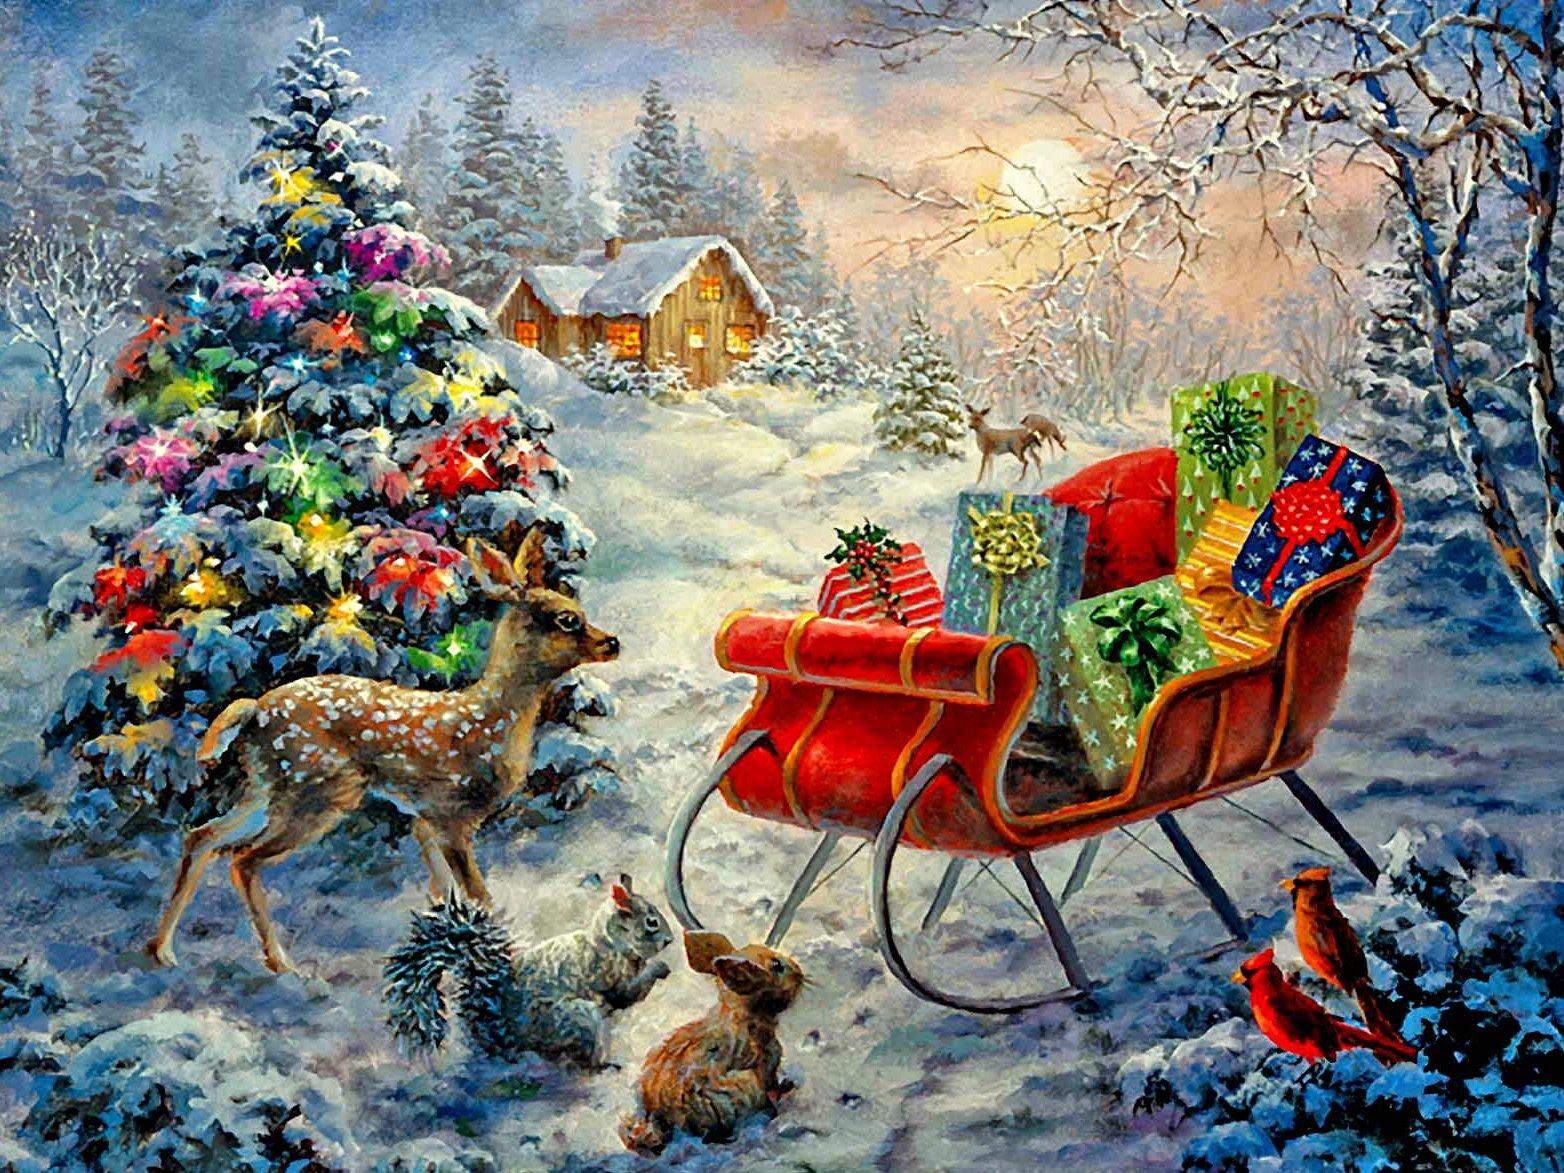 Дедушке, зимние картинки с новым годом красивые